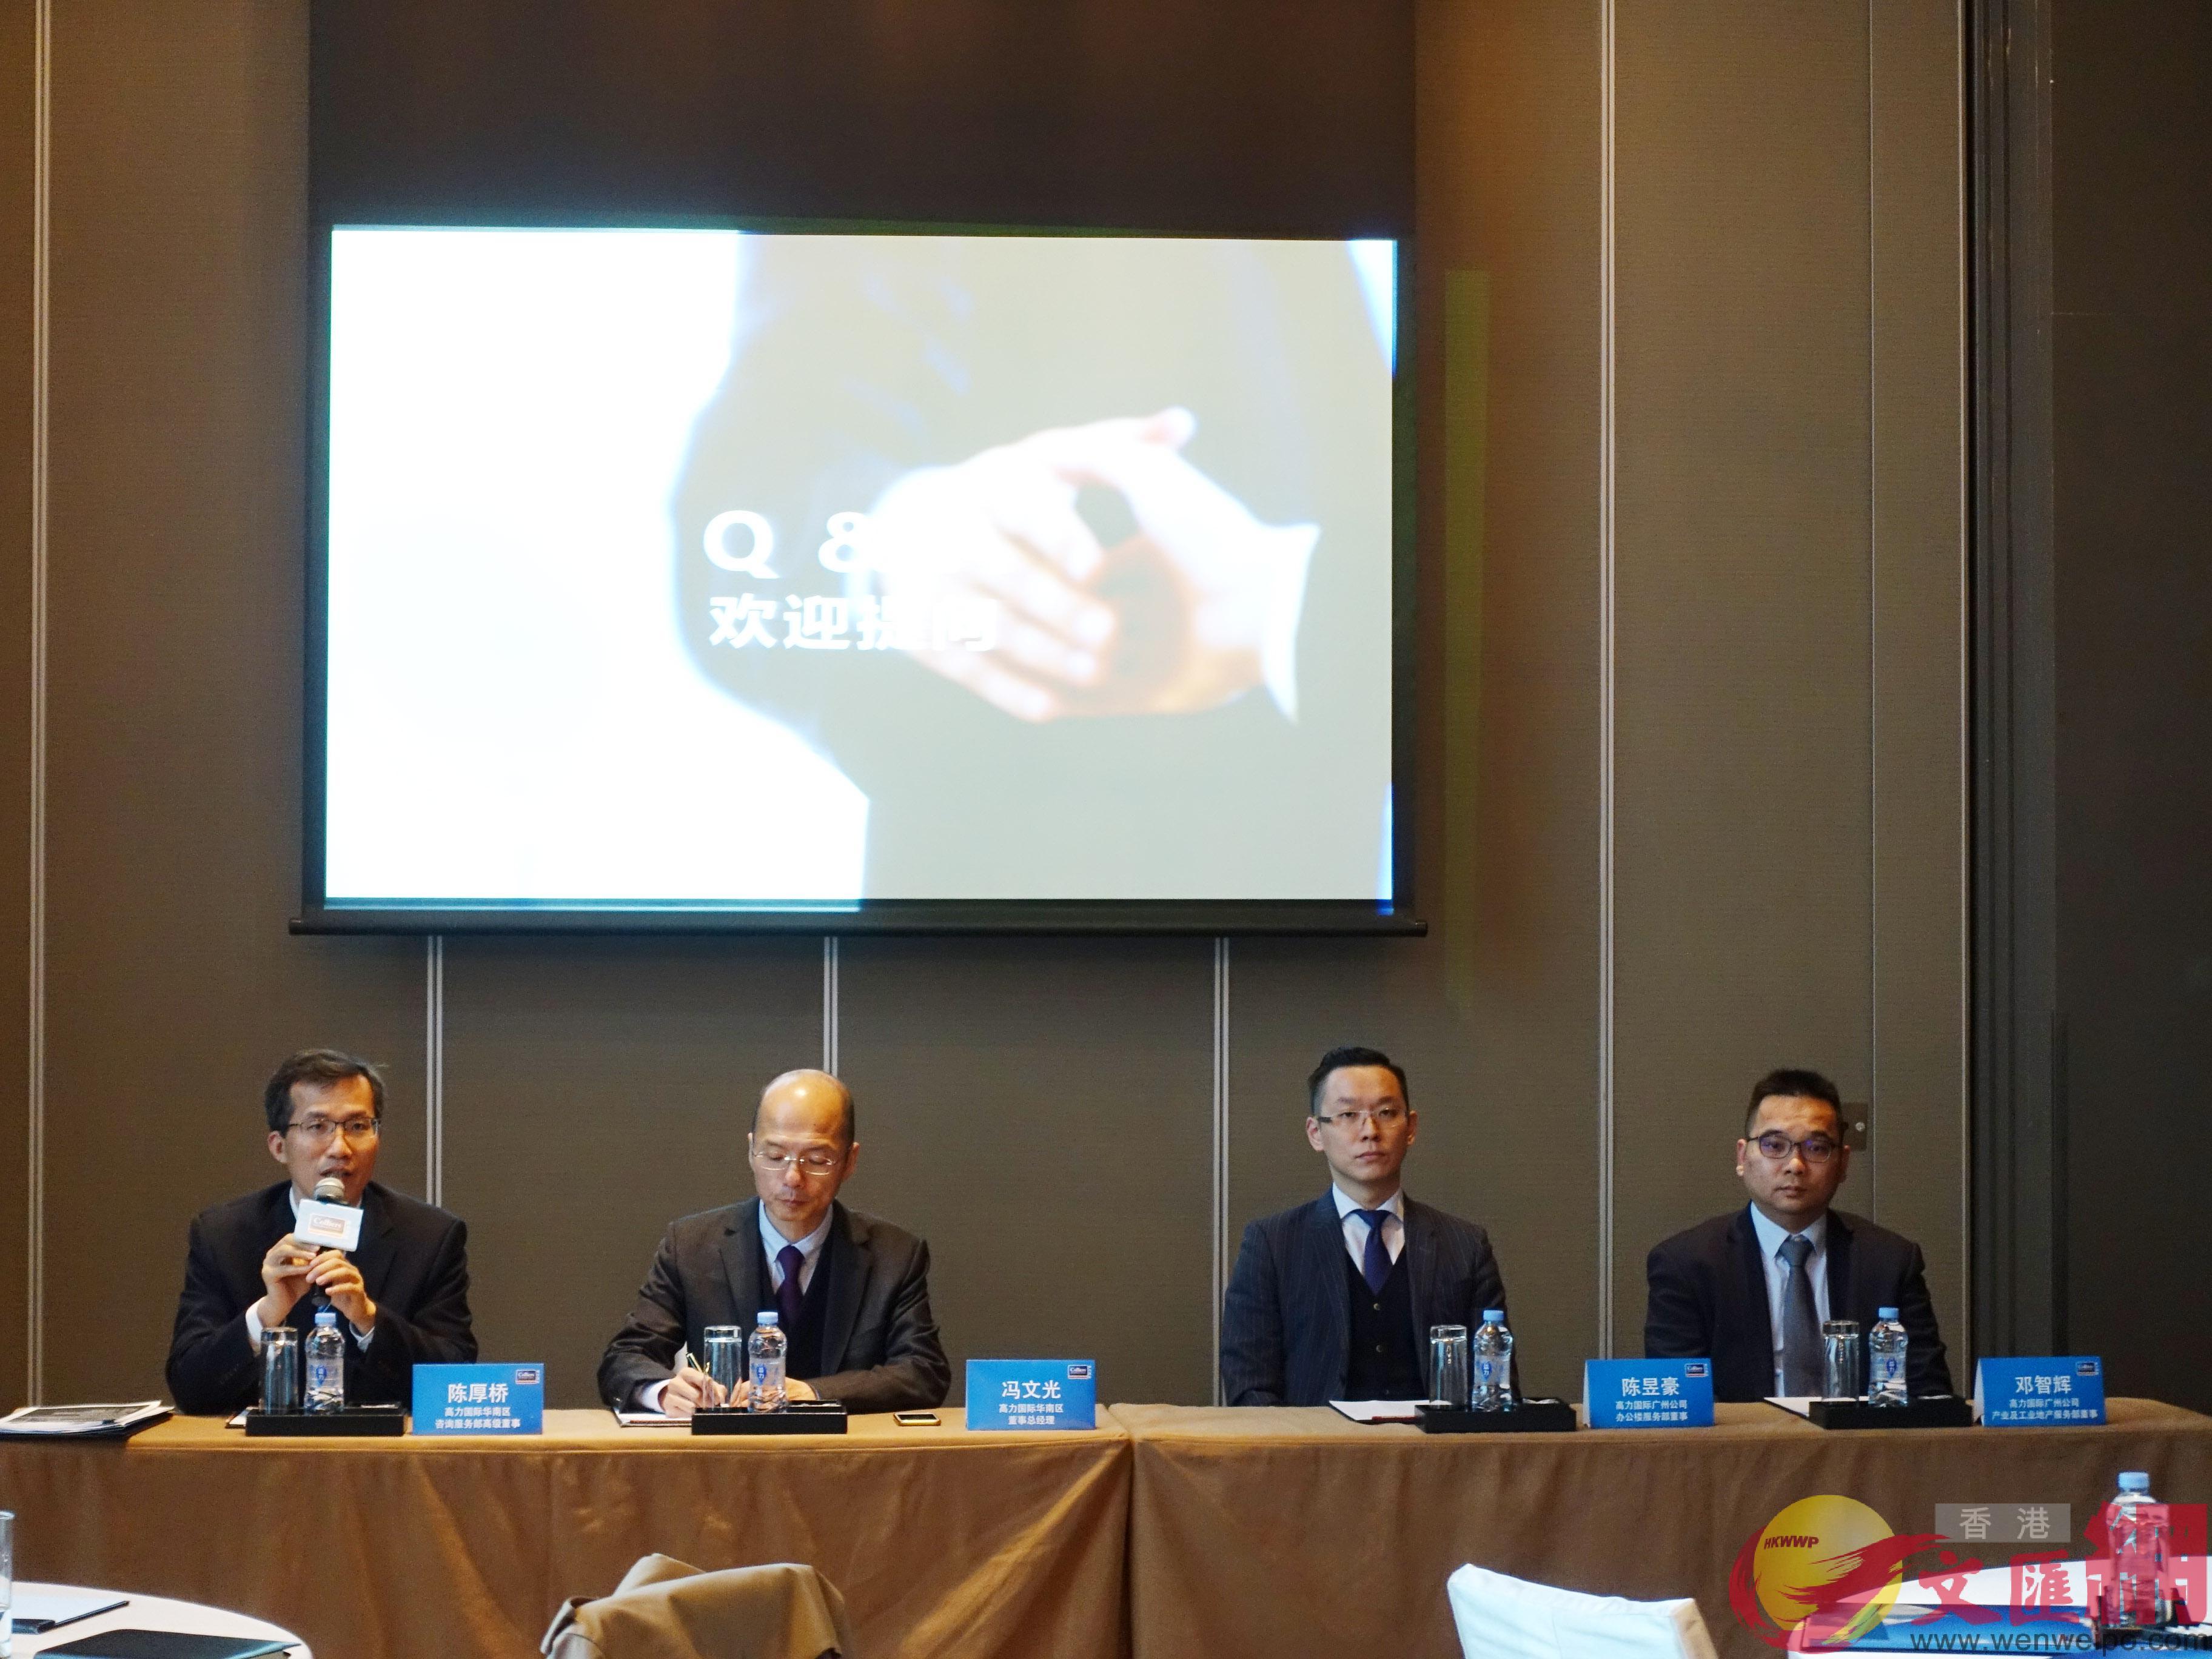 高力國際召開2018年終媒體會並發佈2018廣州物業市場回顧與展望報告。(香港文匯網記者 盧靜怡攝)